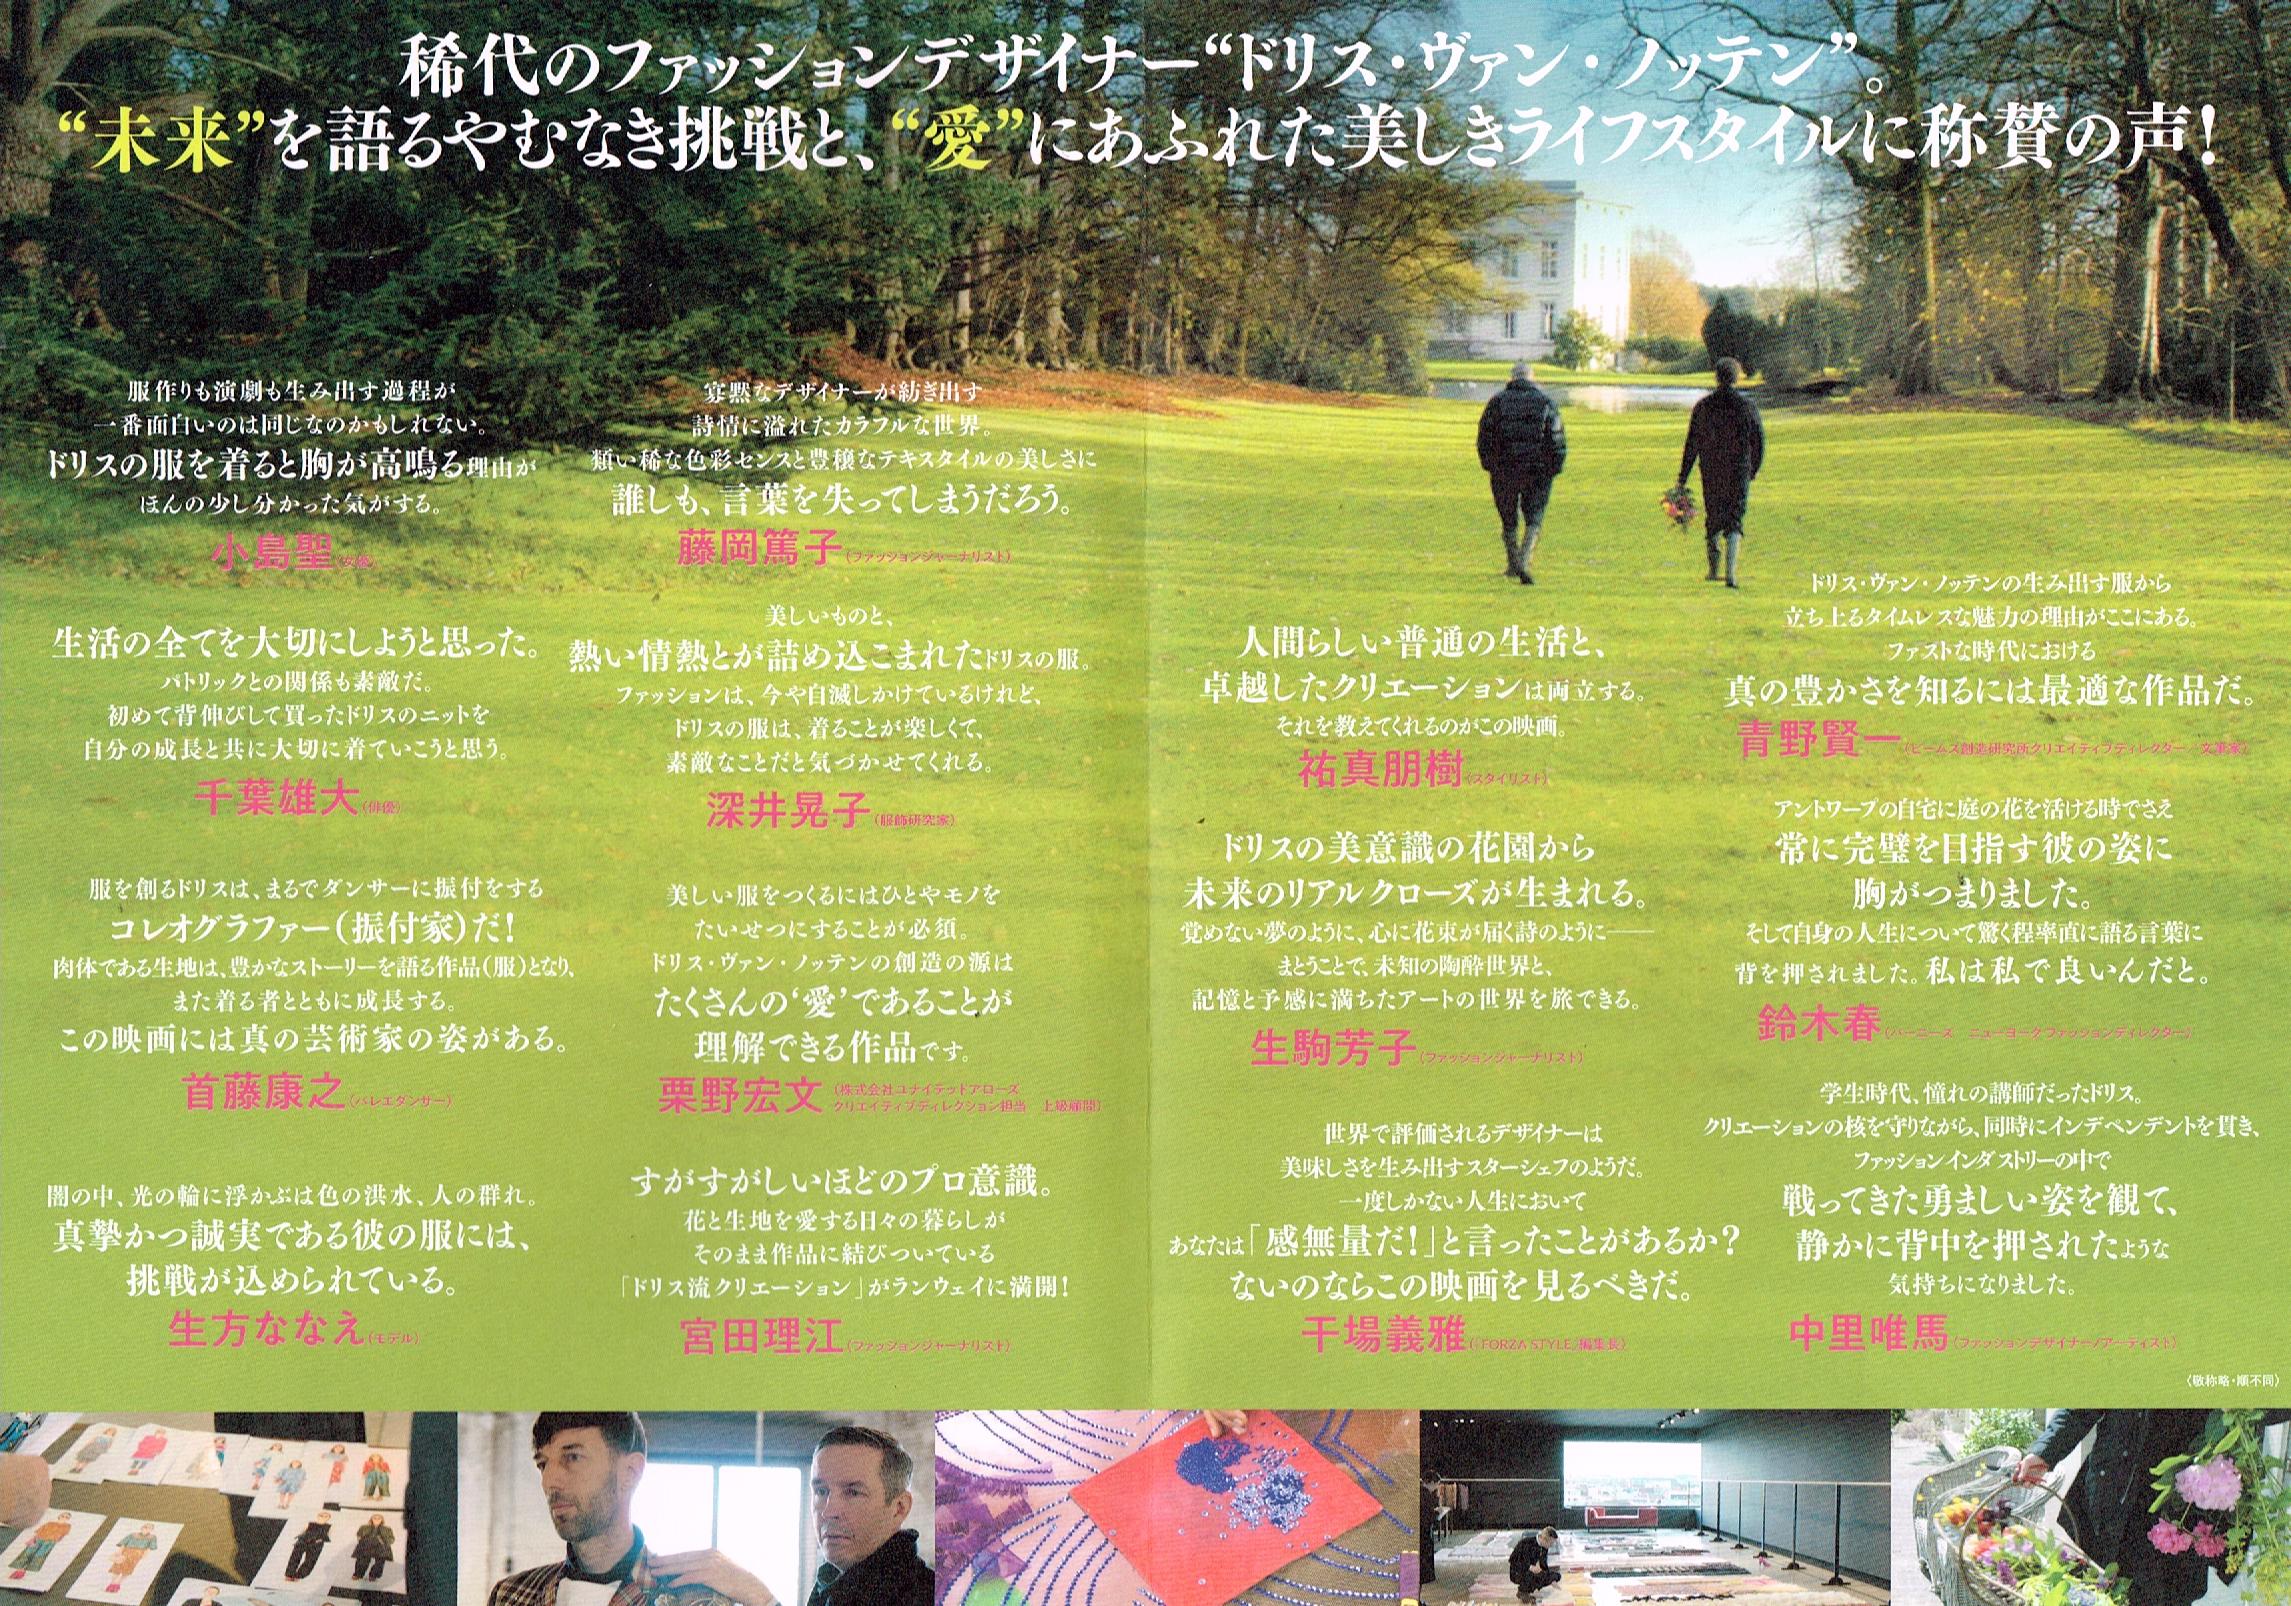 20171226_ドリス・ヴァン・ノッテン 映画フライヤー0203